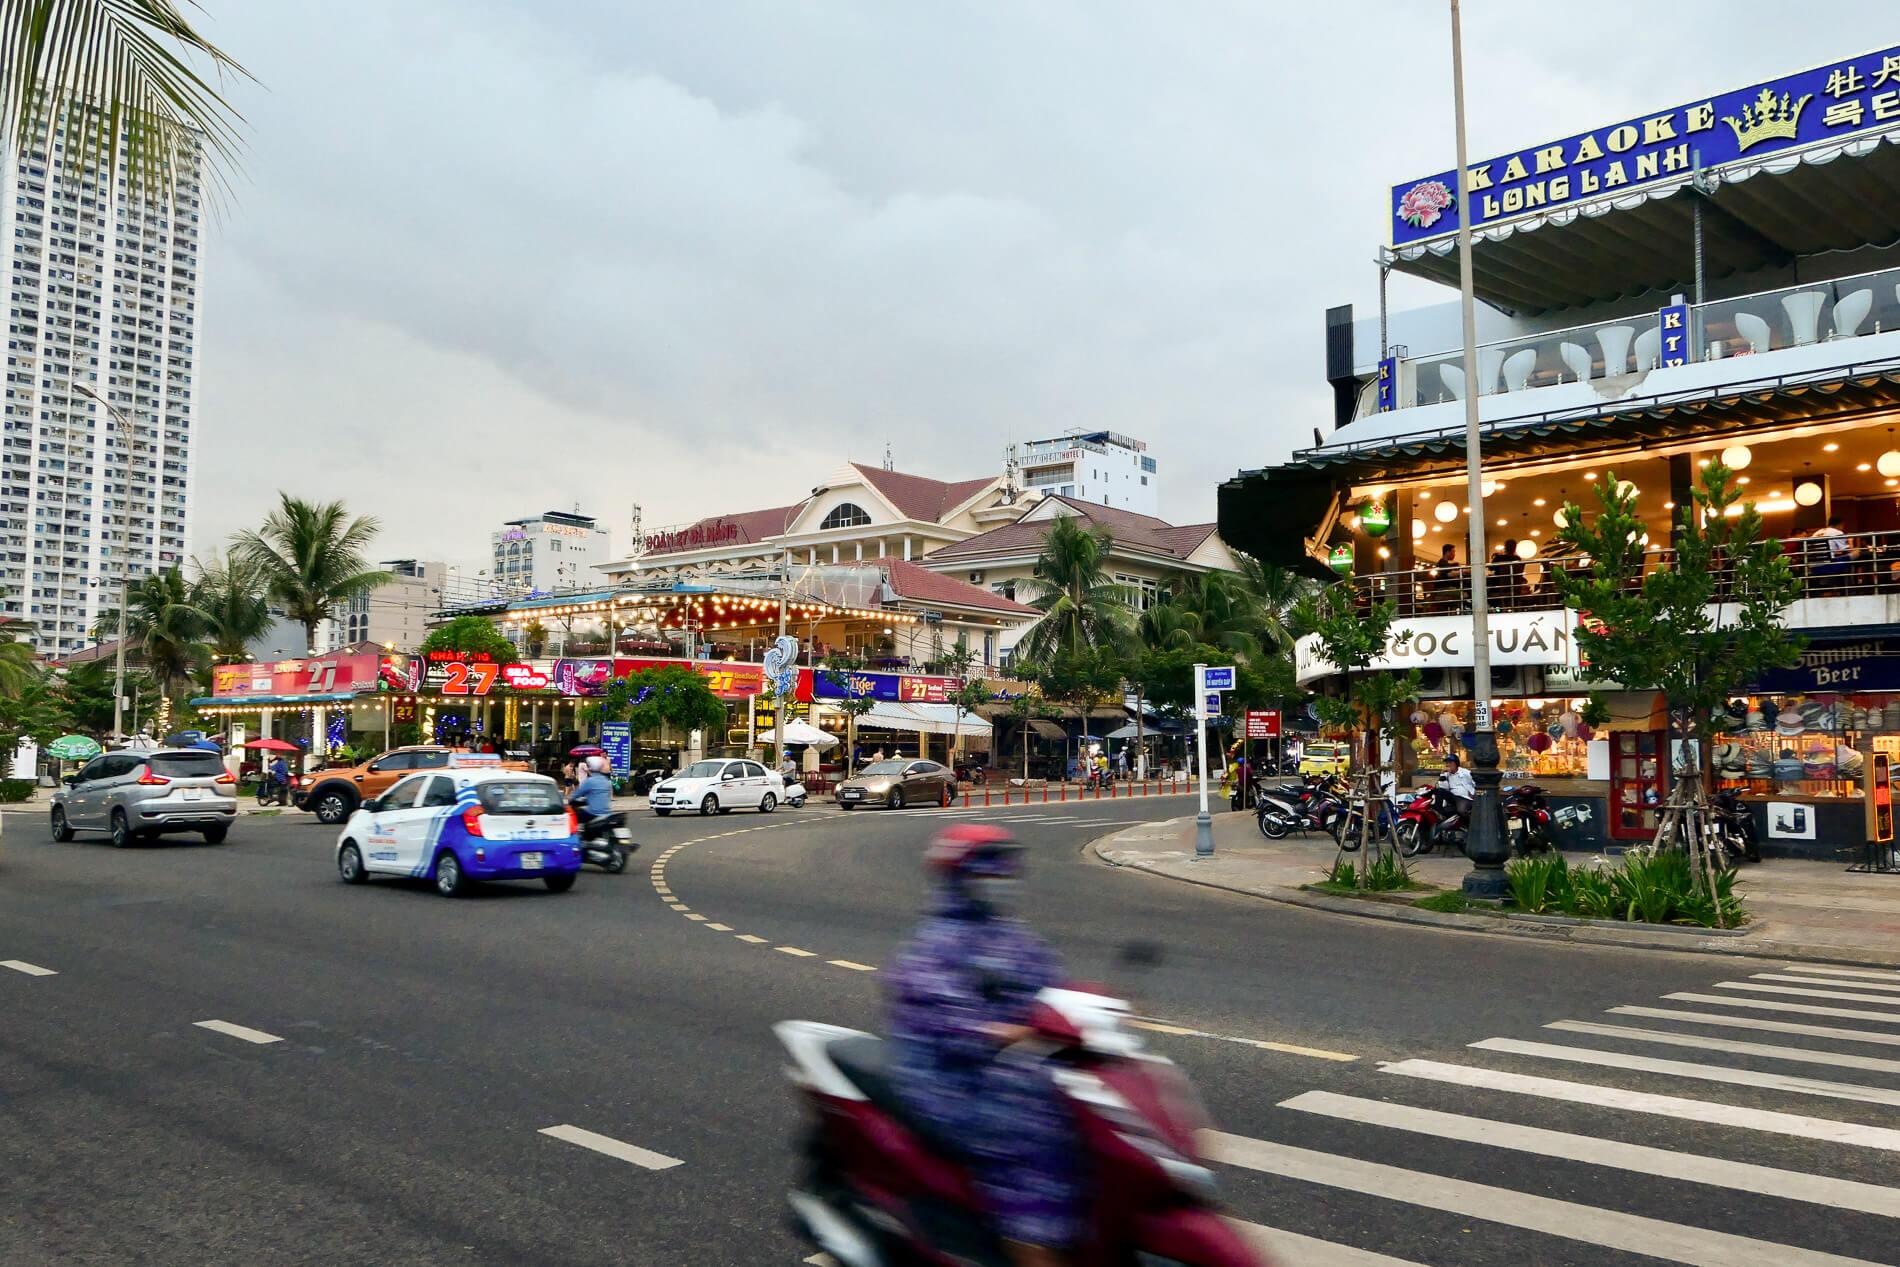 Da Nang beachfront bars and restaurants